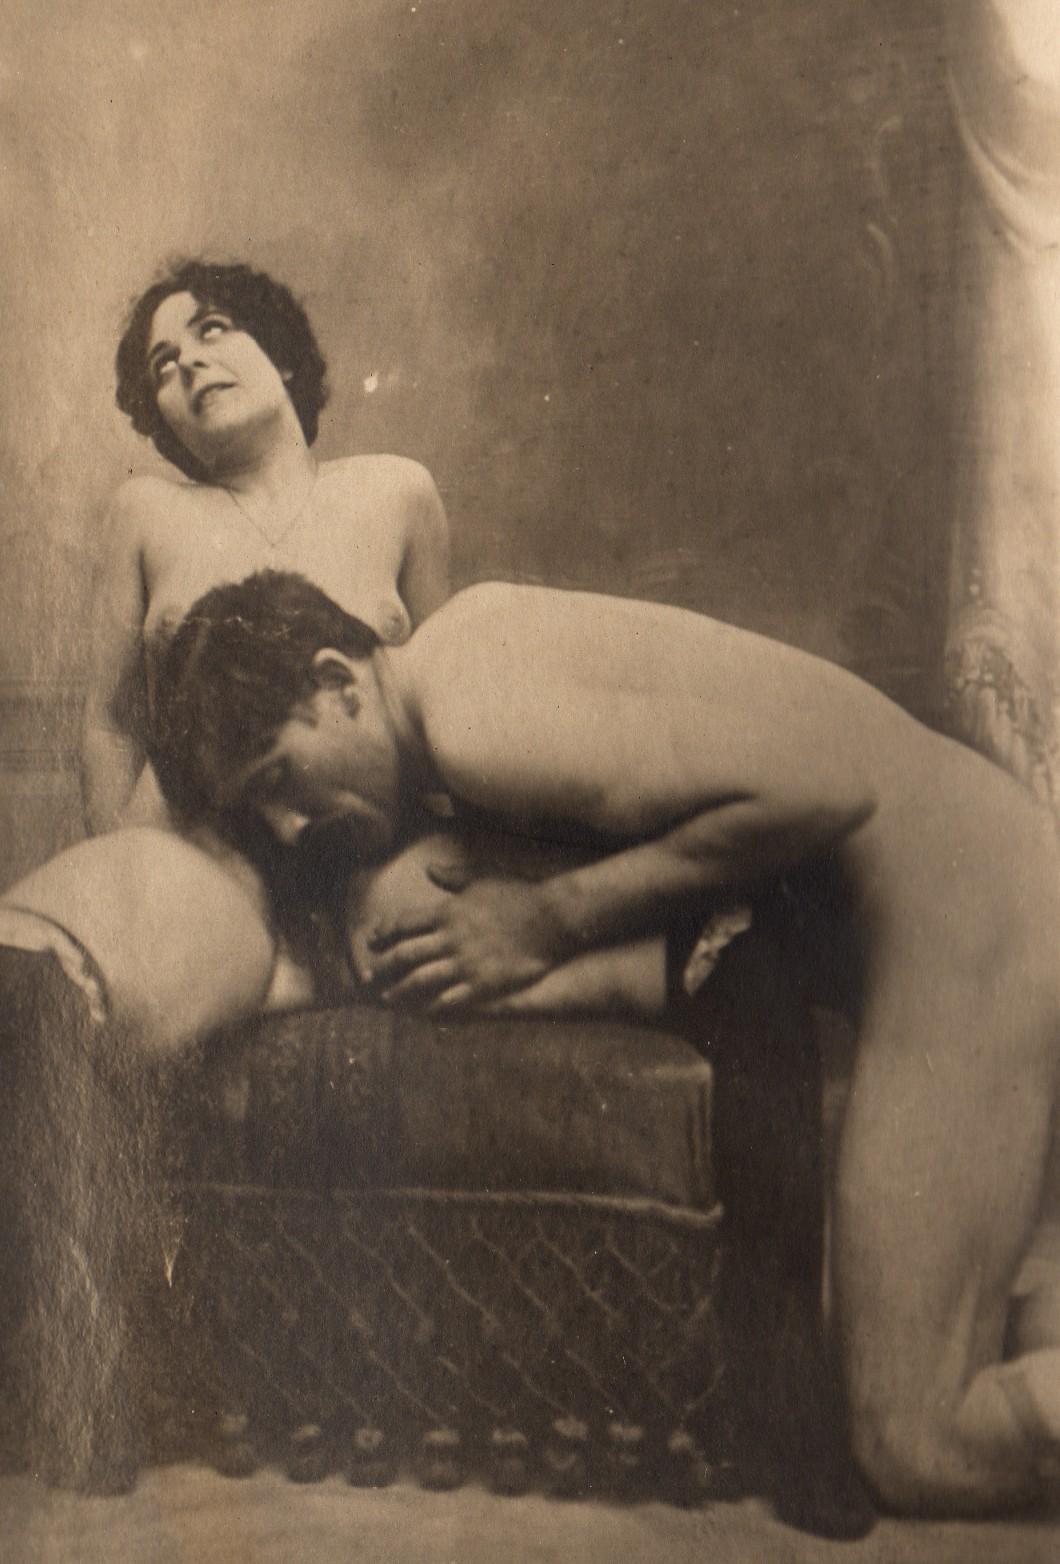 Ancienne photo porno pic 621